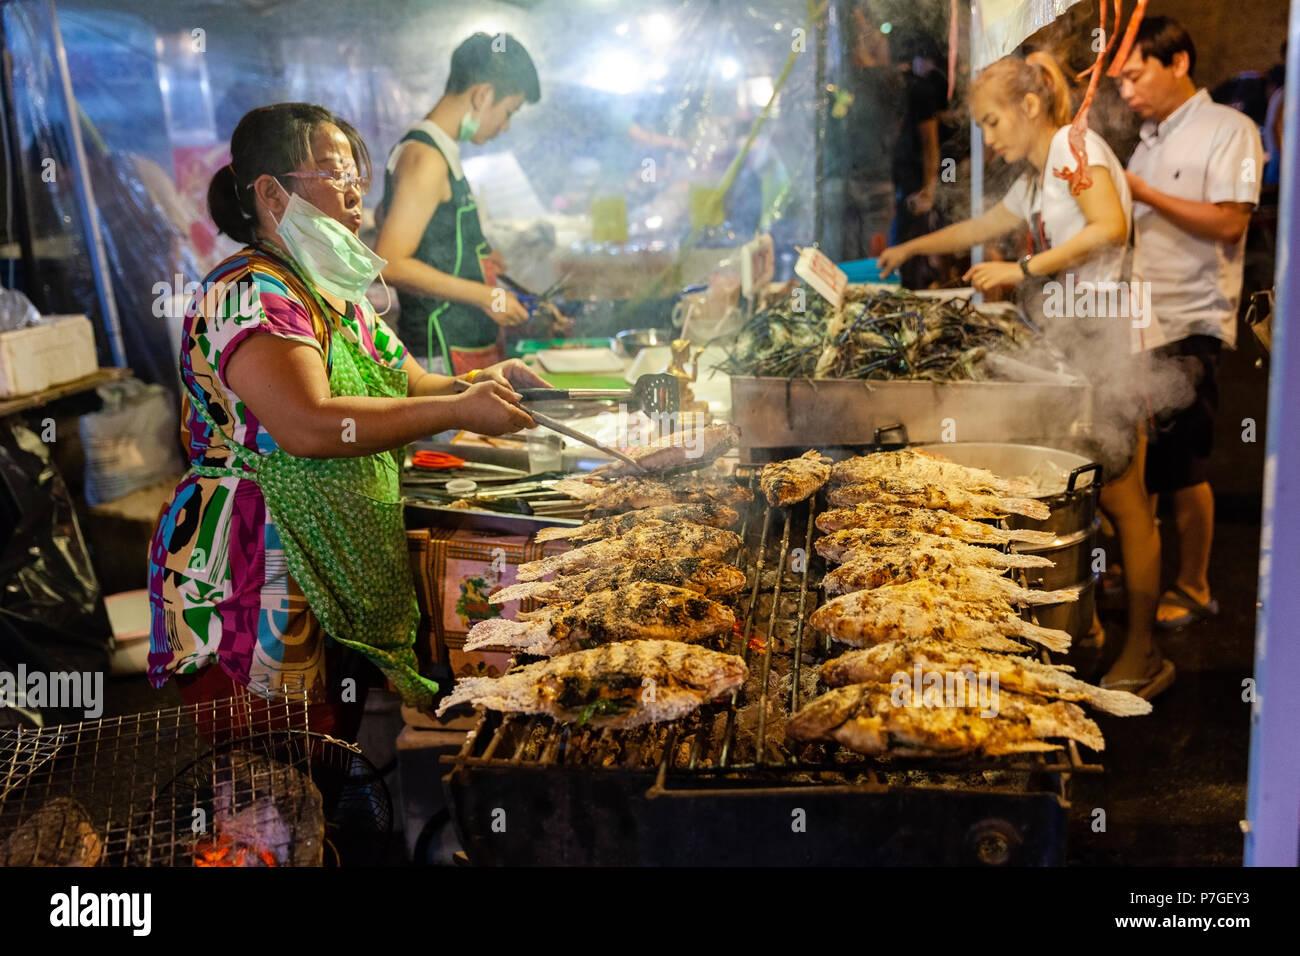 CHIANG MAI, Tailandia - 27 de agosto: vendedor de comida cocineros de pescado en el mercado del sábado noche, (Calle) el 27 de agosto de 2016 en Chiang Mai, Tailandia. Imagen De Stock